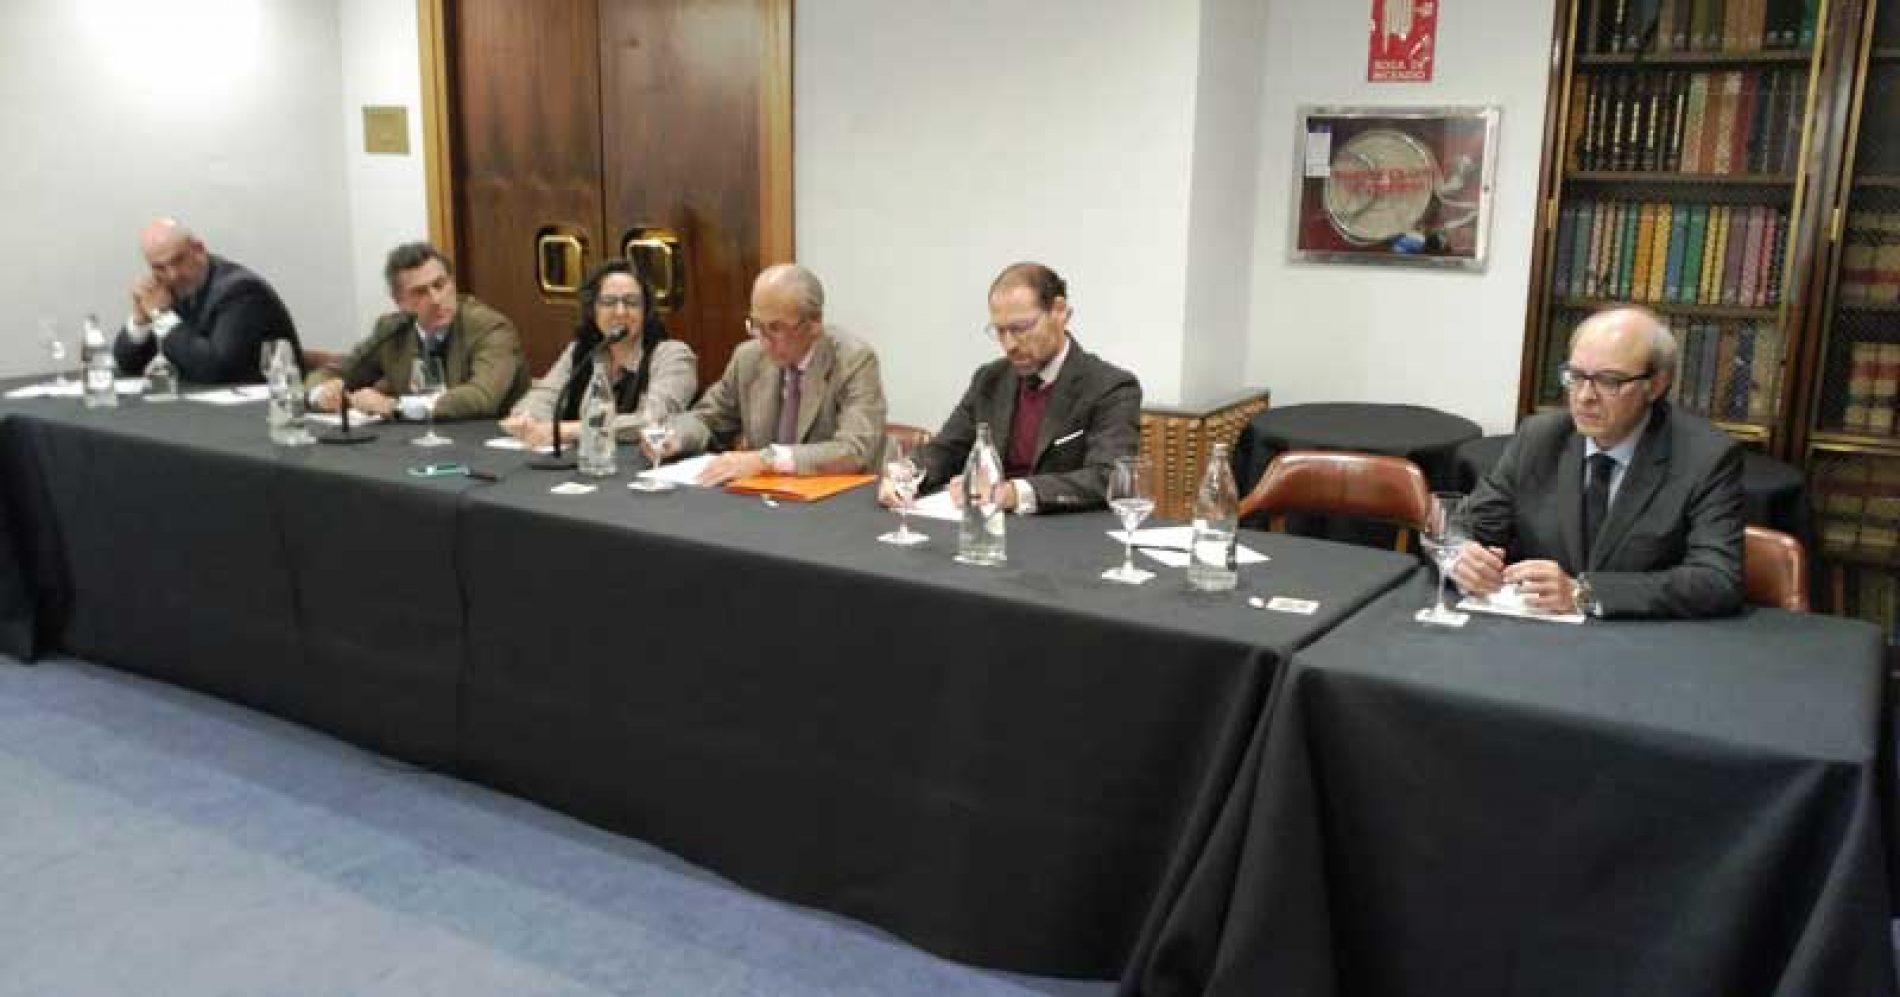 Relevo en la presidencia del Real Club de Monteros